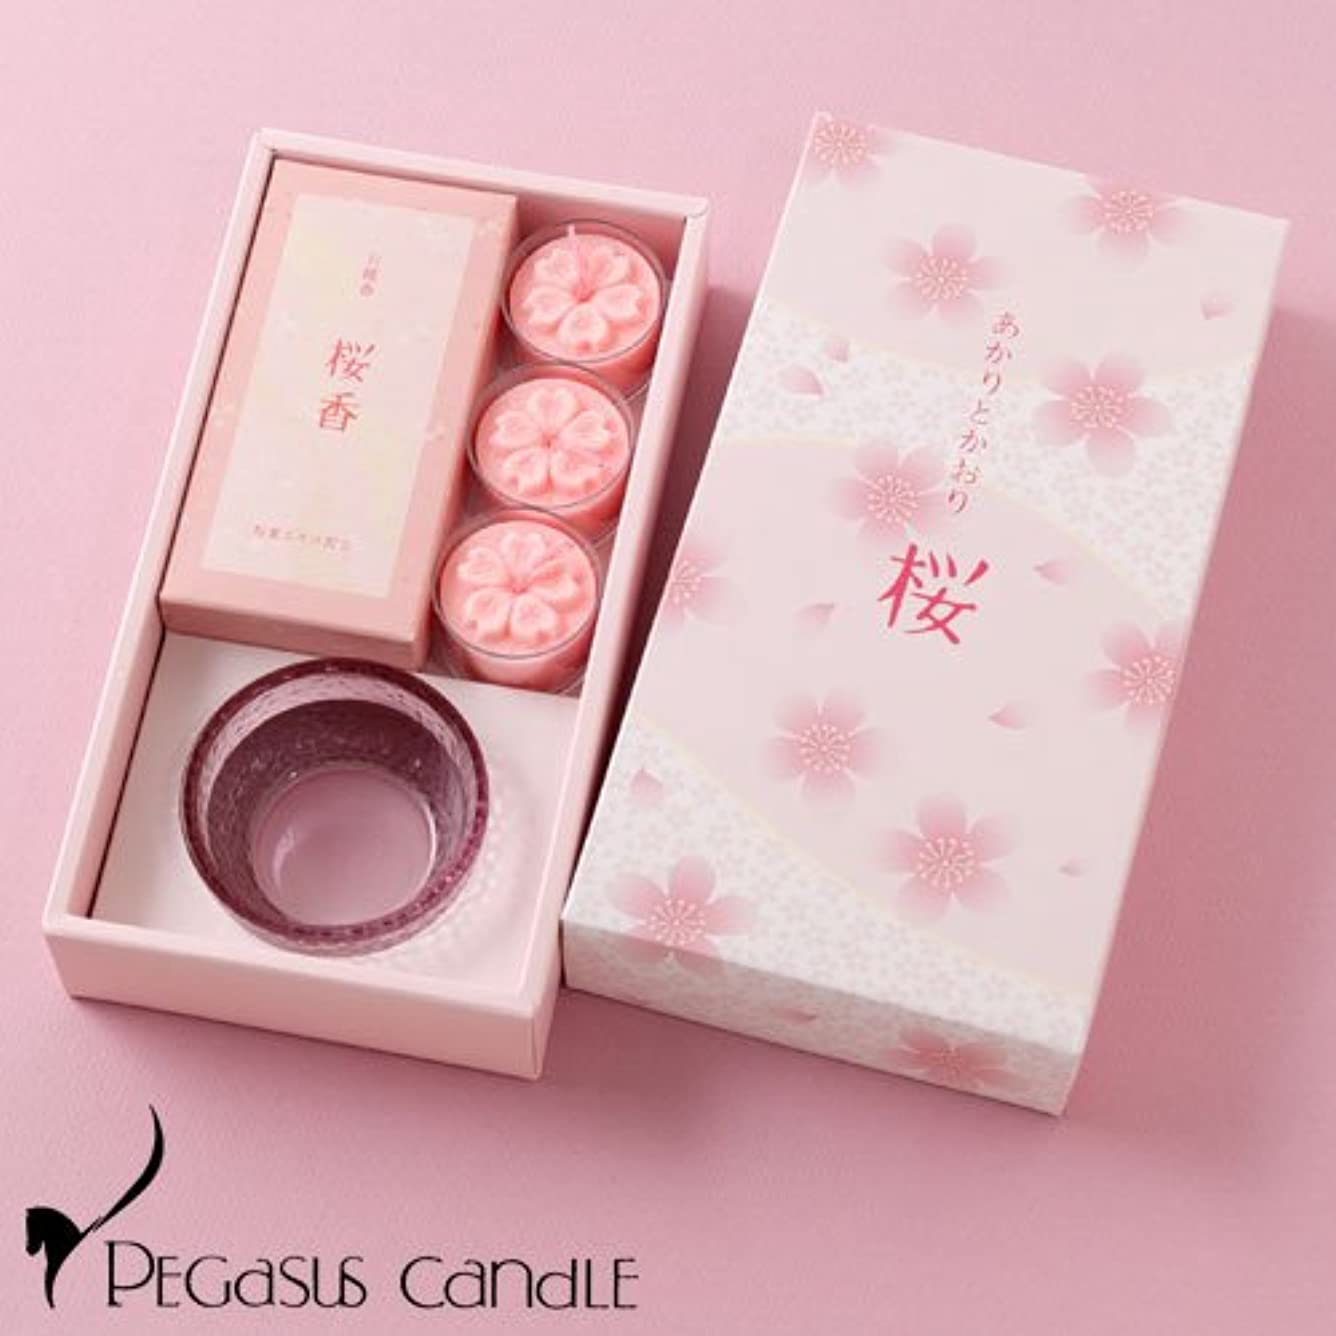 代表団シングル実現可能あかりとかおり桜キャンドルと線香のセットペガサスキャンドルCandle and incense set